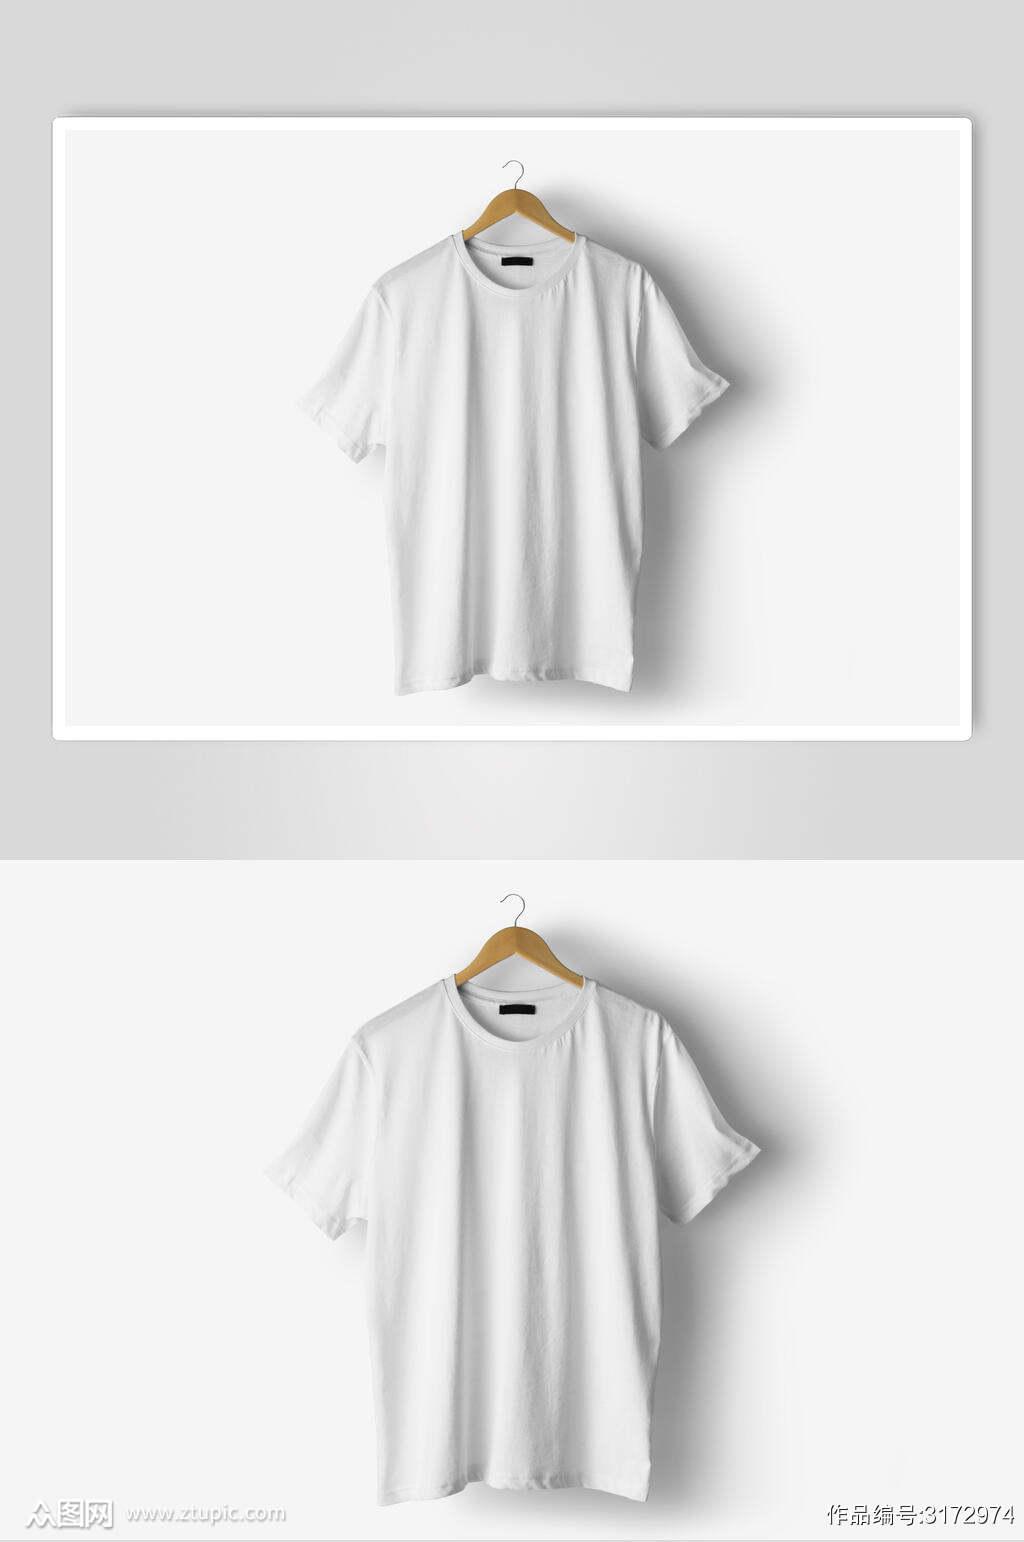 低调简约文创T恤样机素材